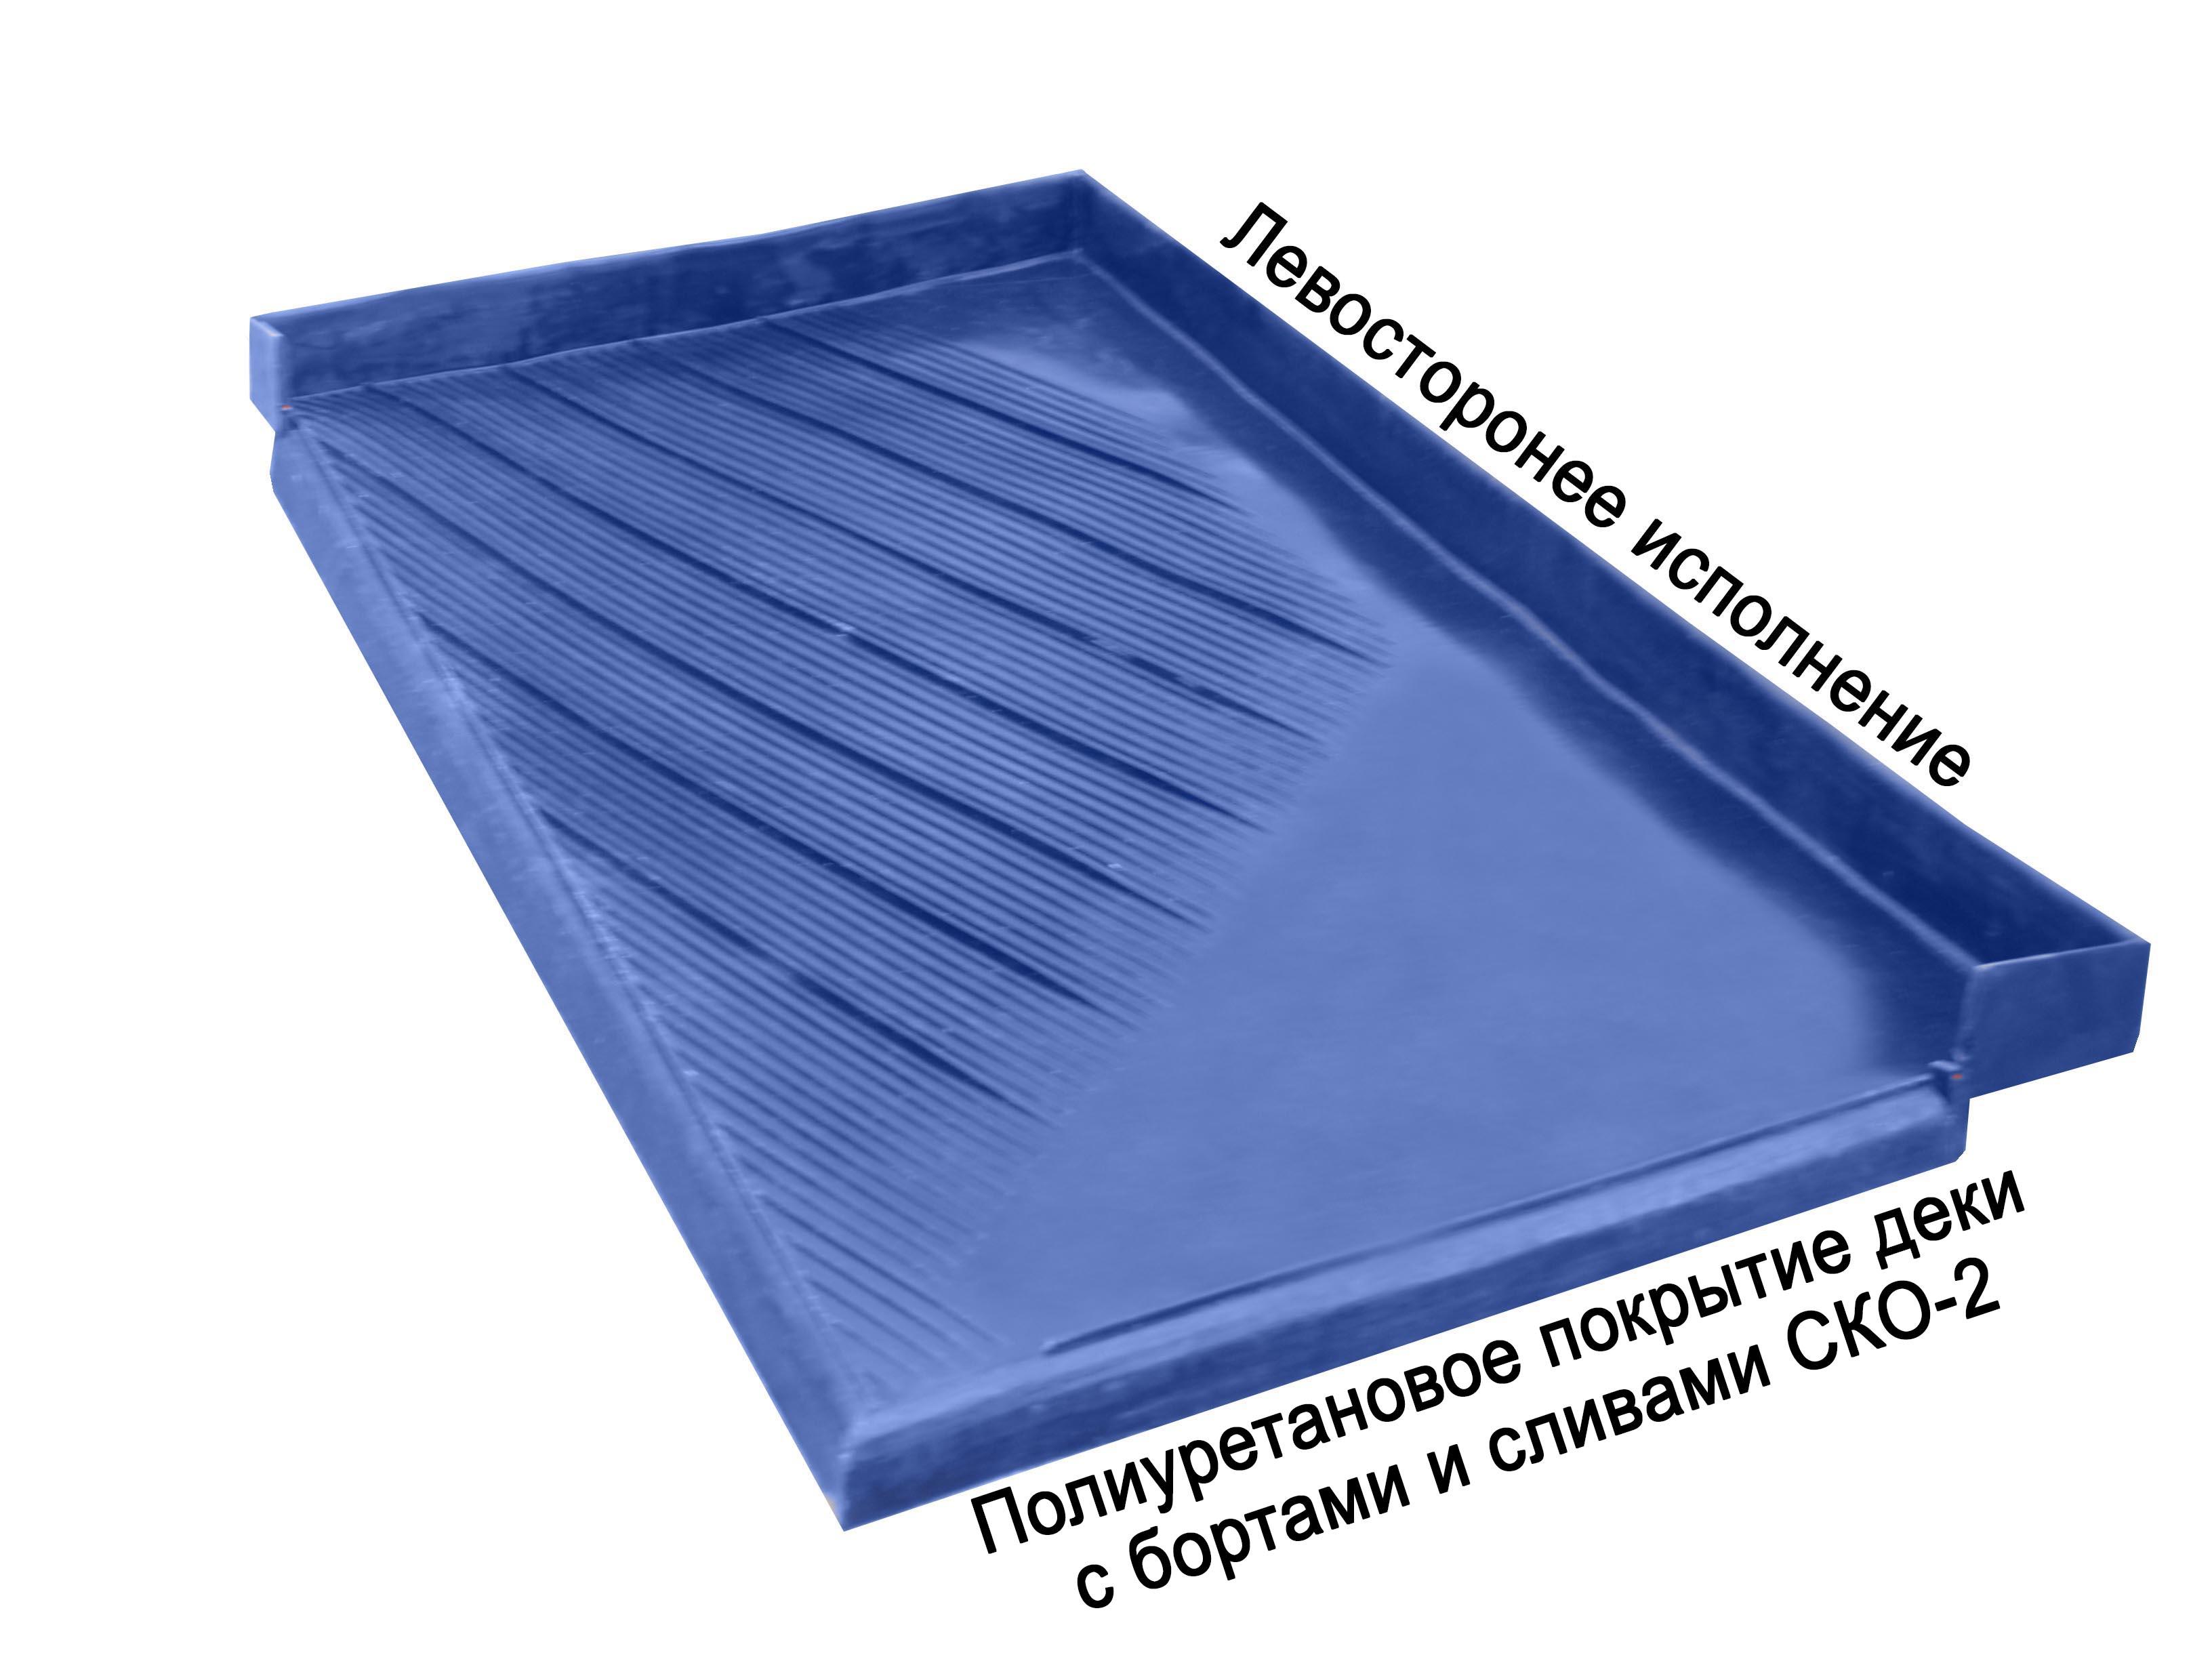 Джинтропин 4ед Доставка Новокуйбышевск